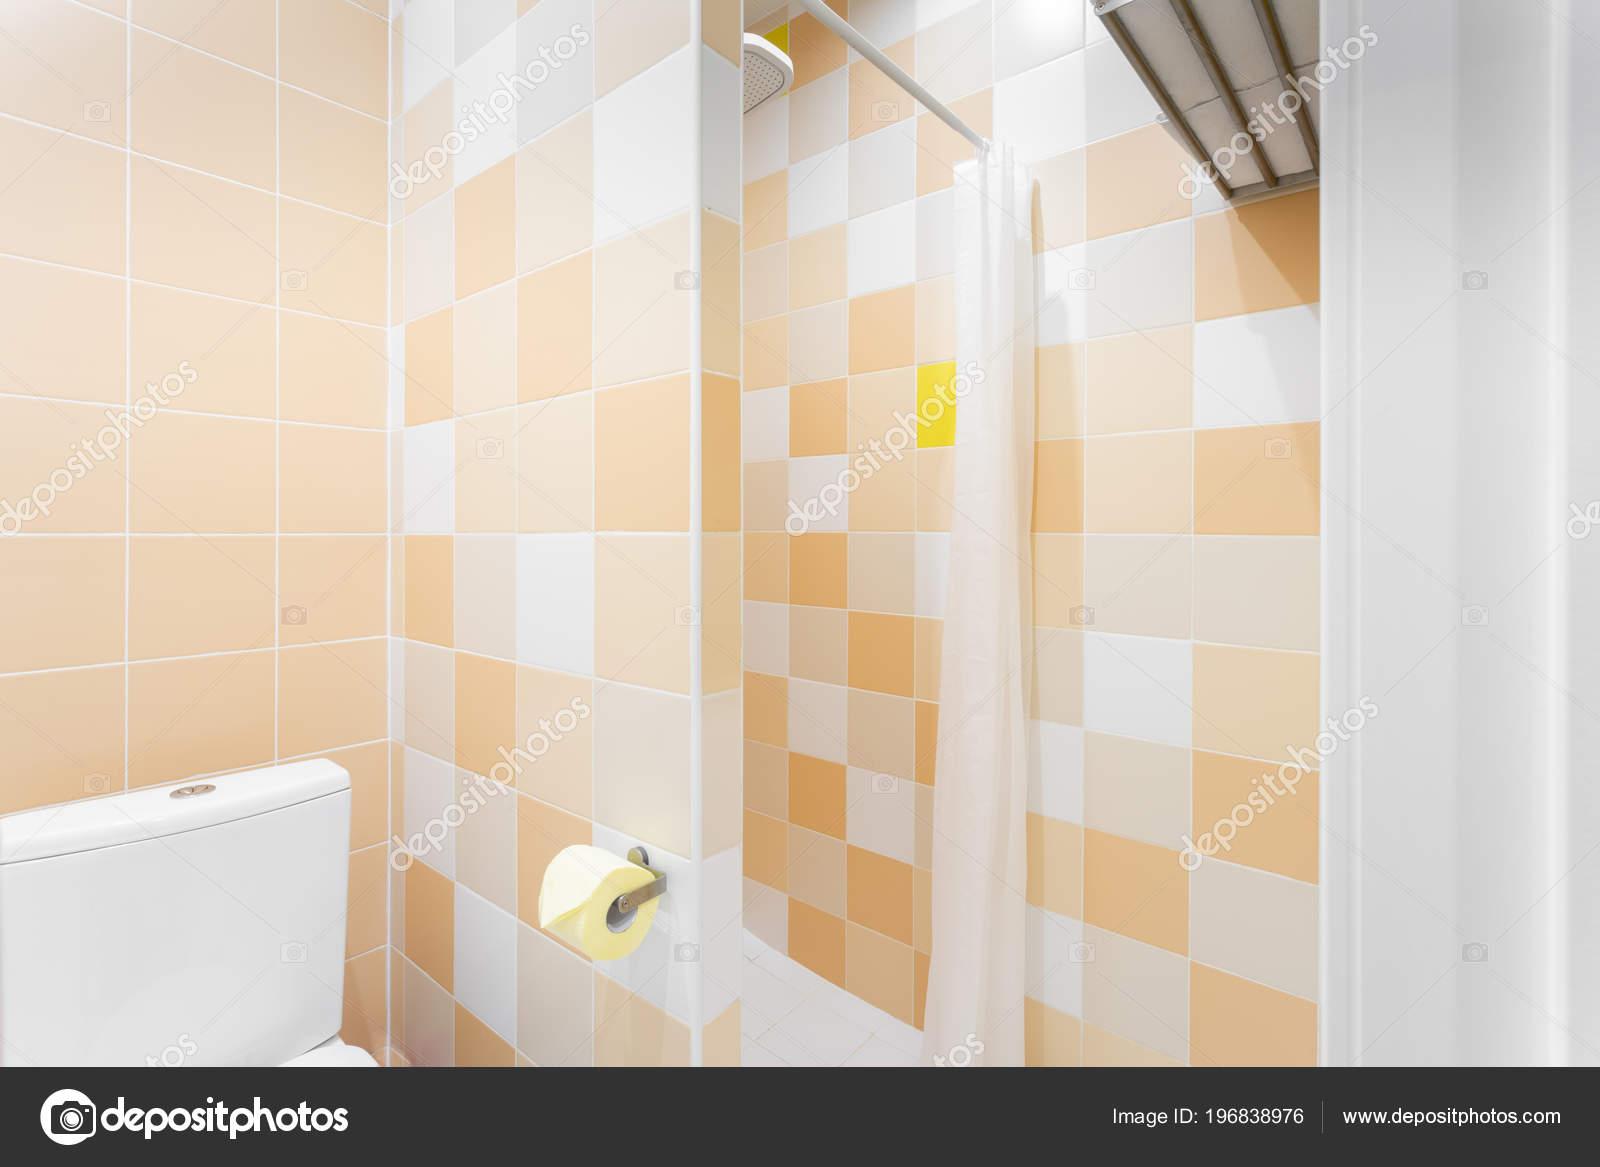 Bagno con doccia wc e lavandino. hotel standart camera da letto